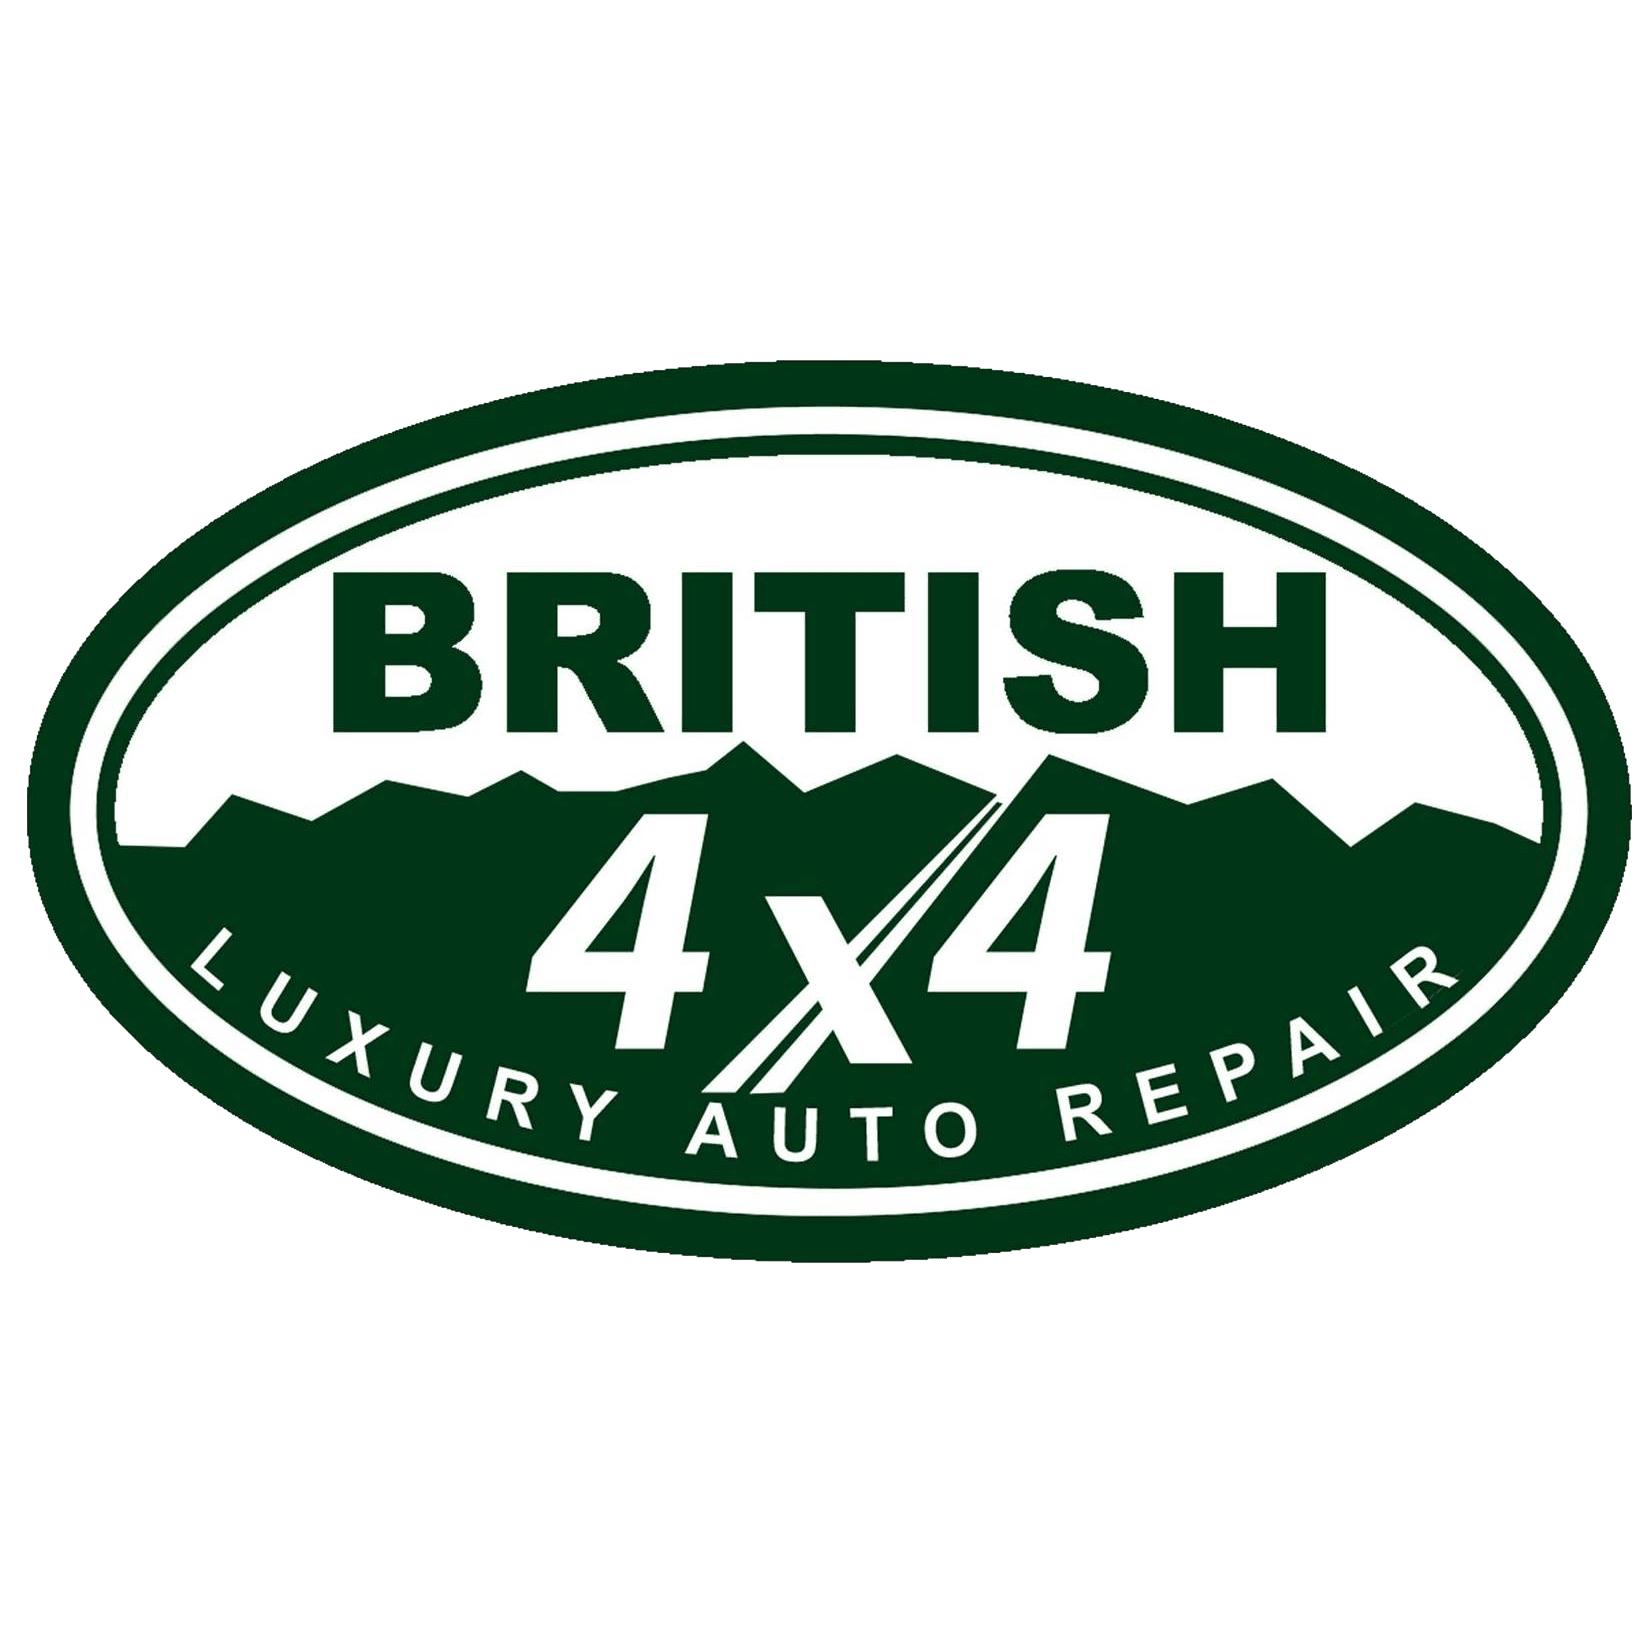 British 4x4 Luxury Auto Repair